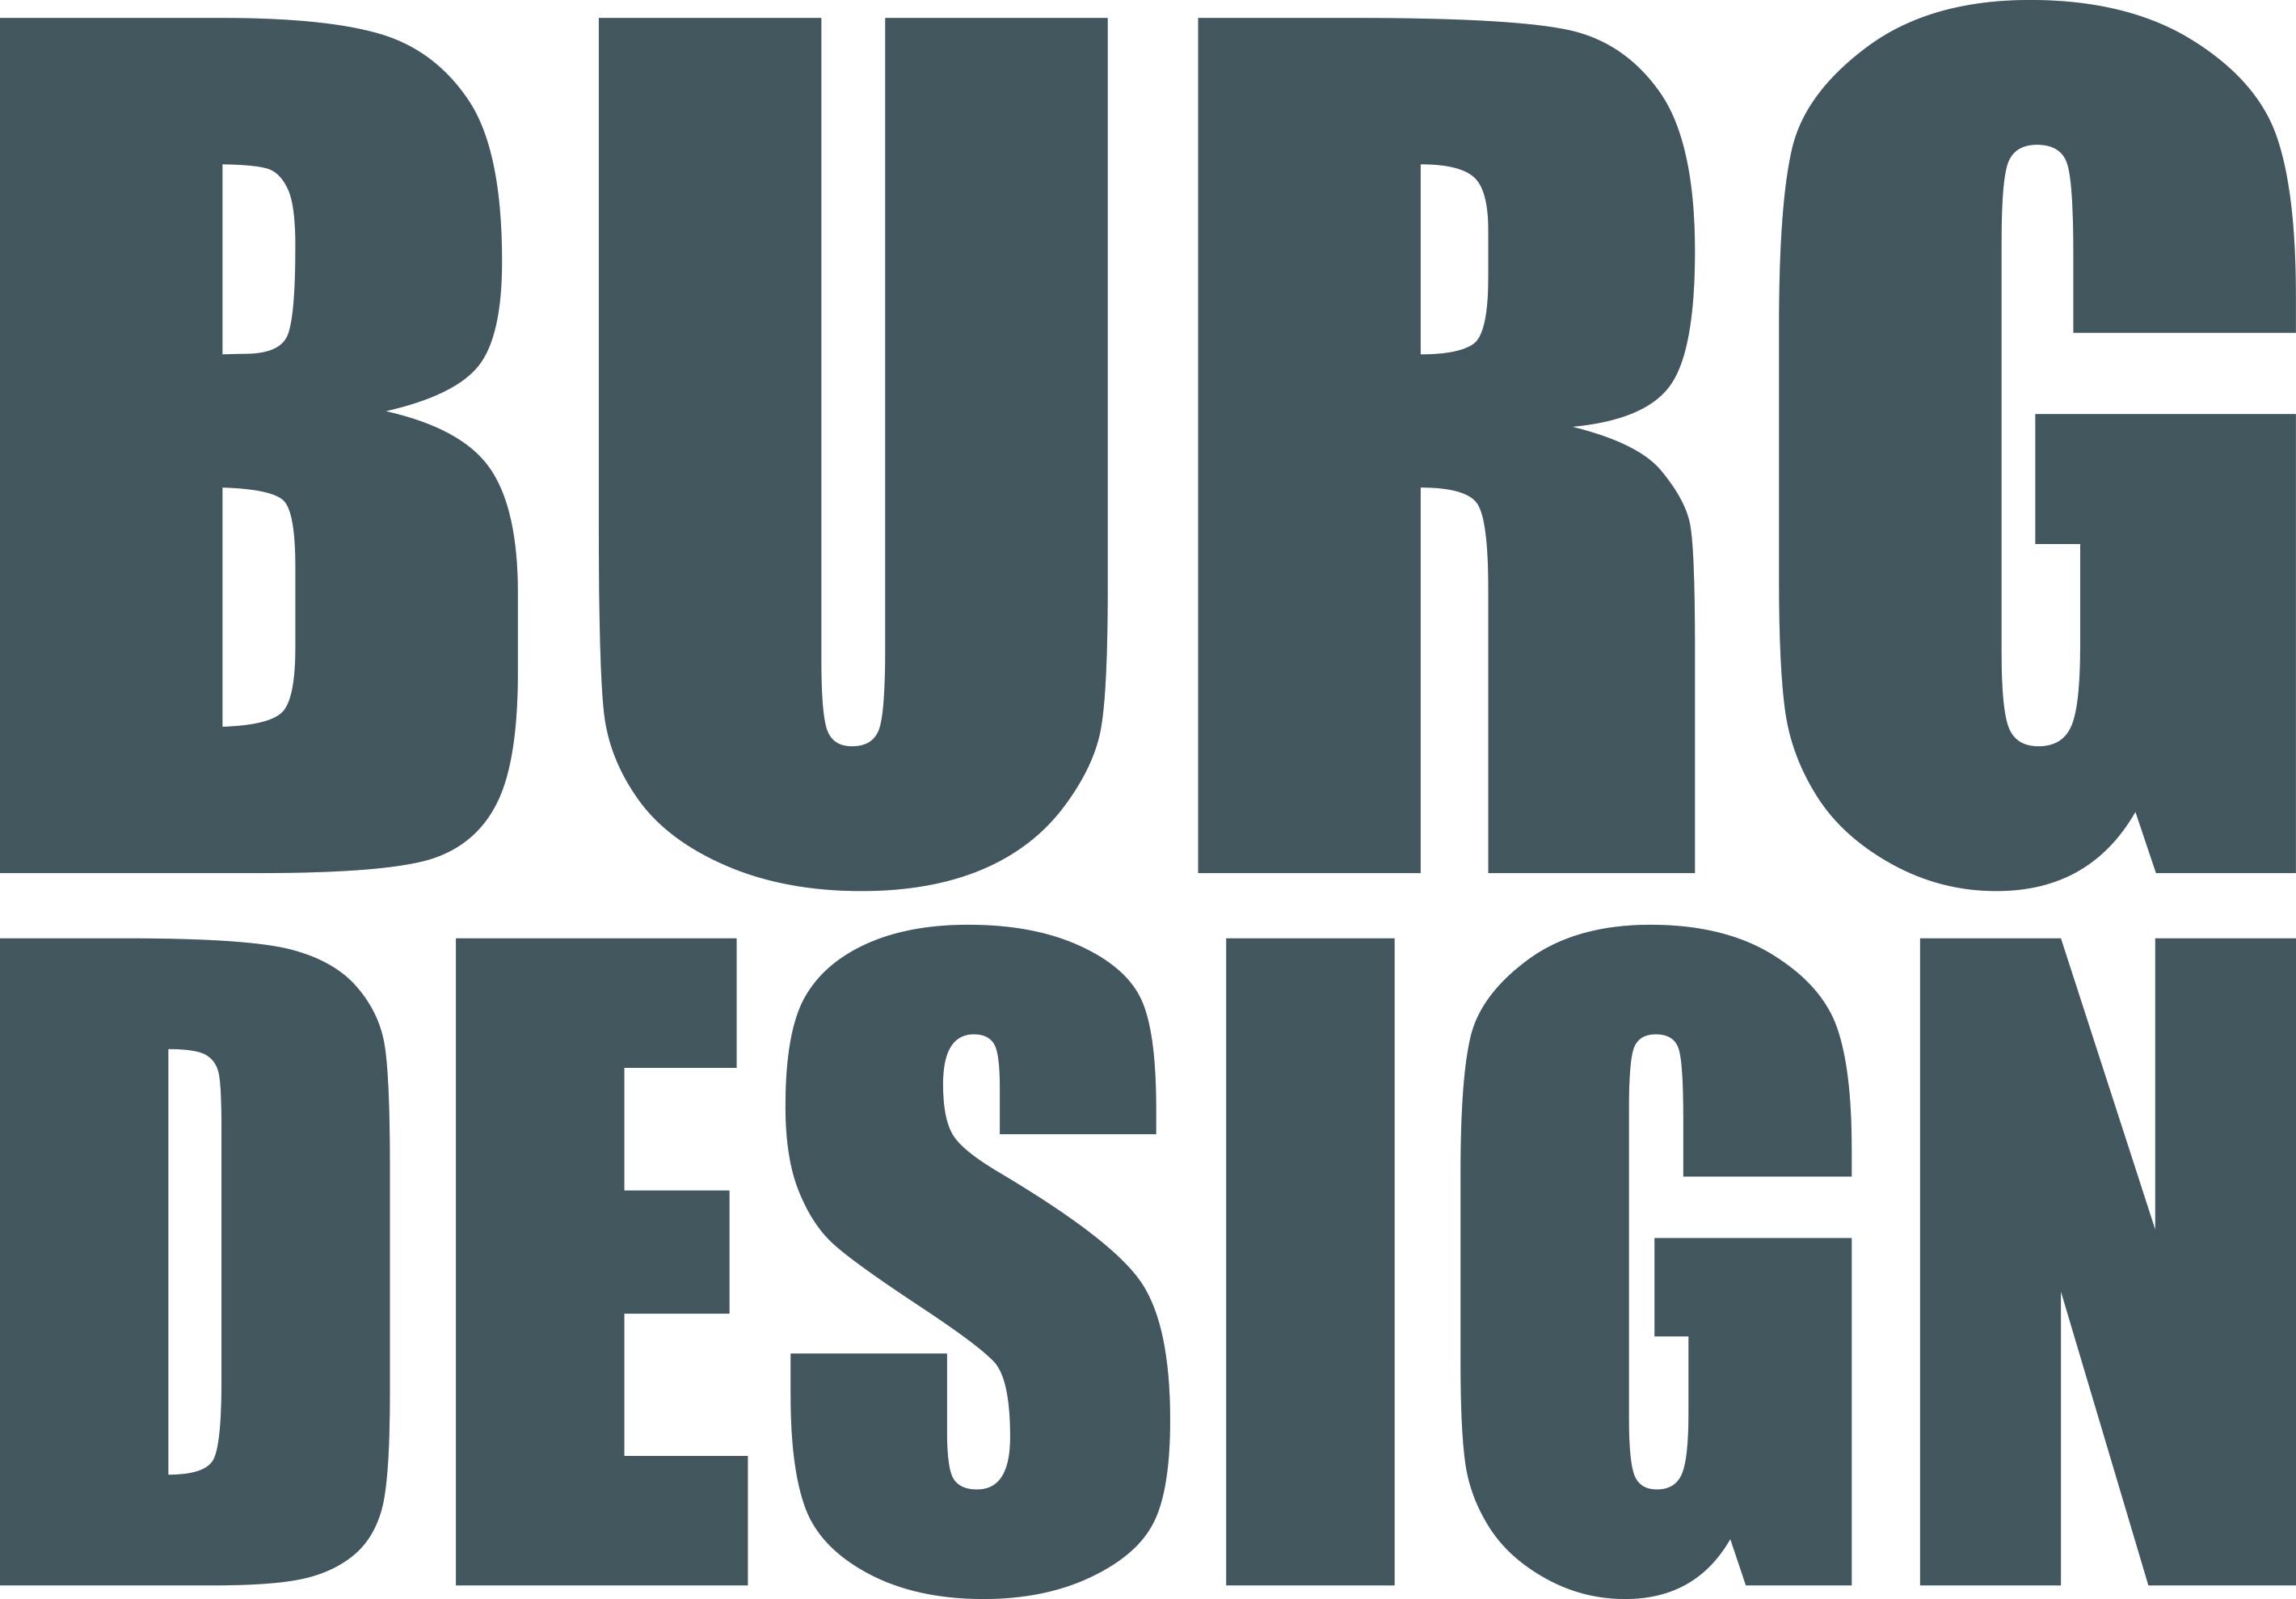 Burg Design